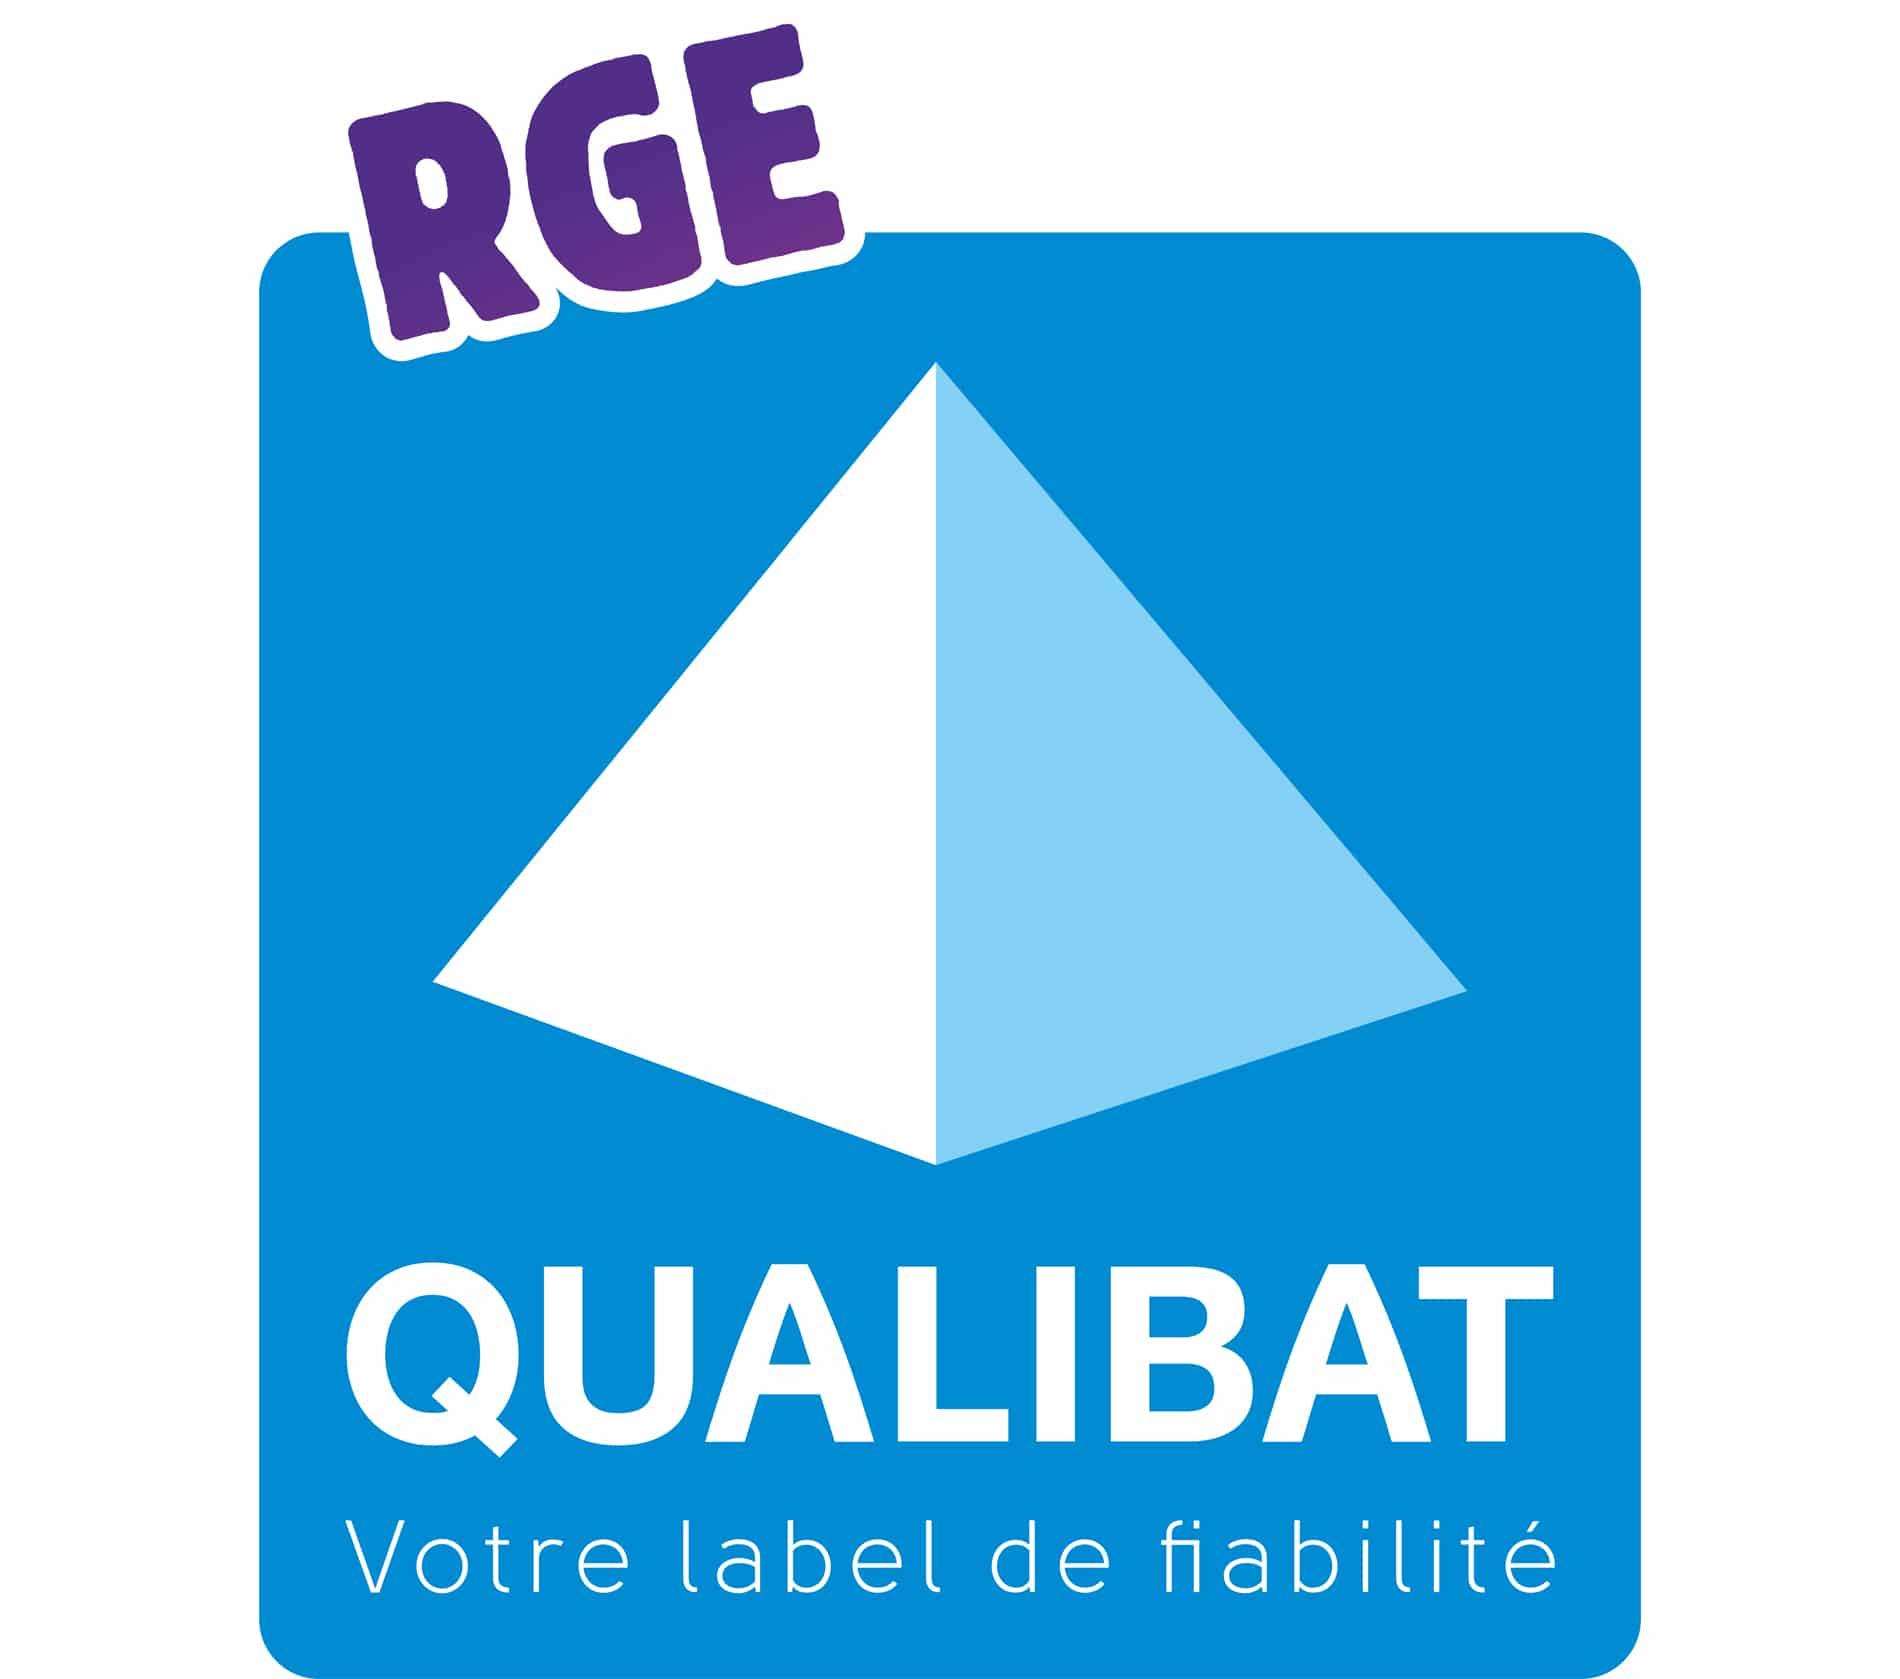 Qualibat RGE logo : histoire, signification et évolution, symbole